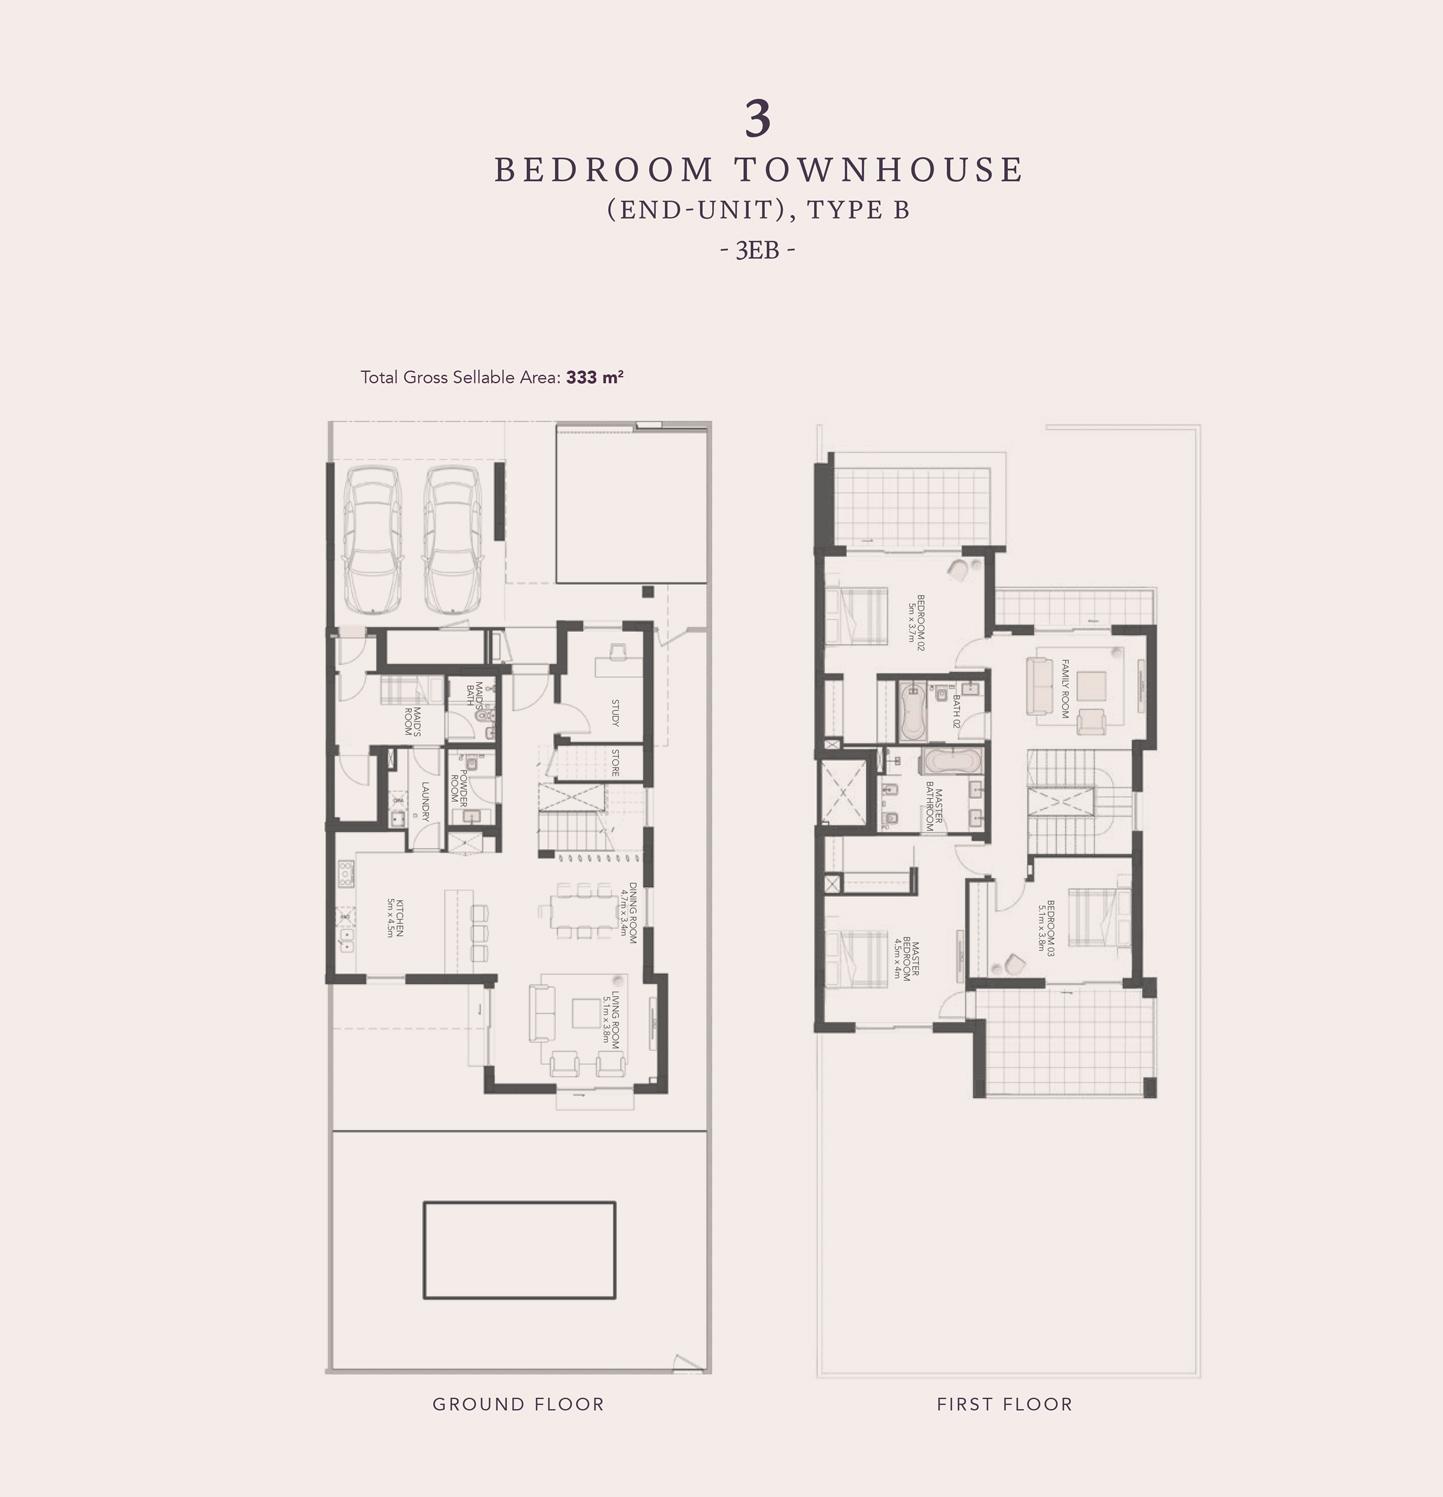 3 غرف نوم - من نوع B-3EB